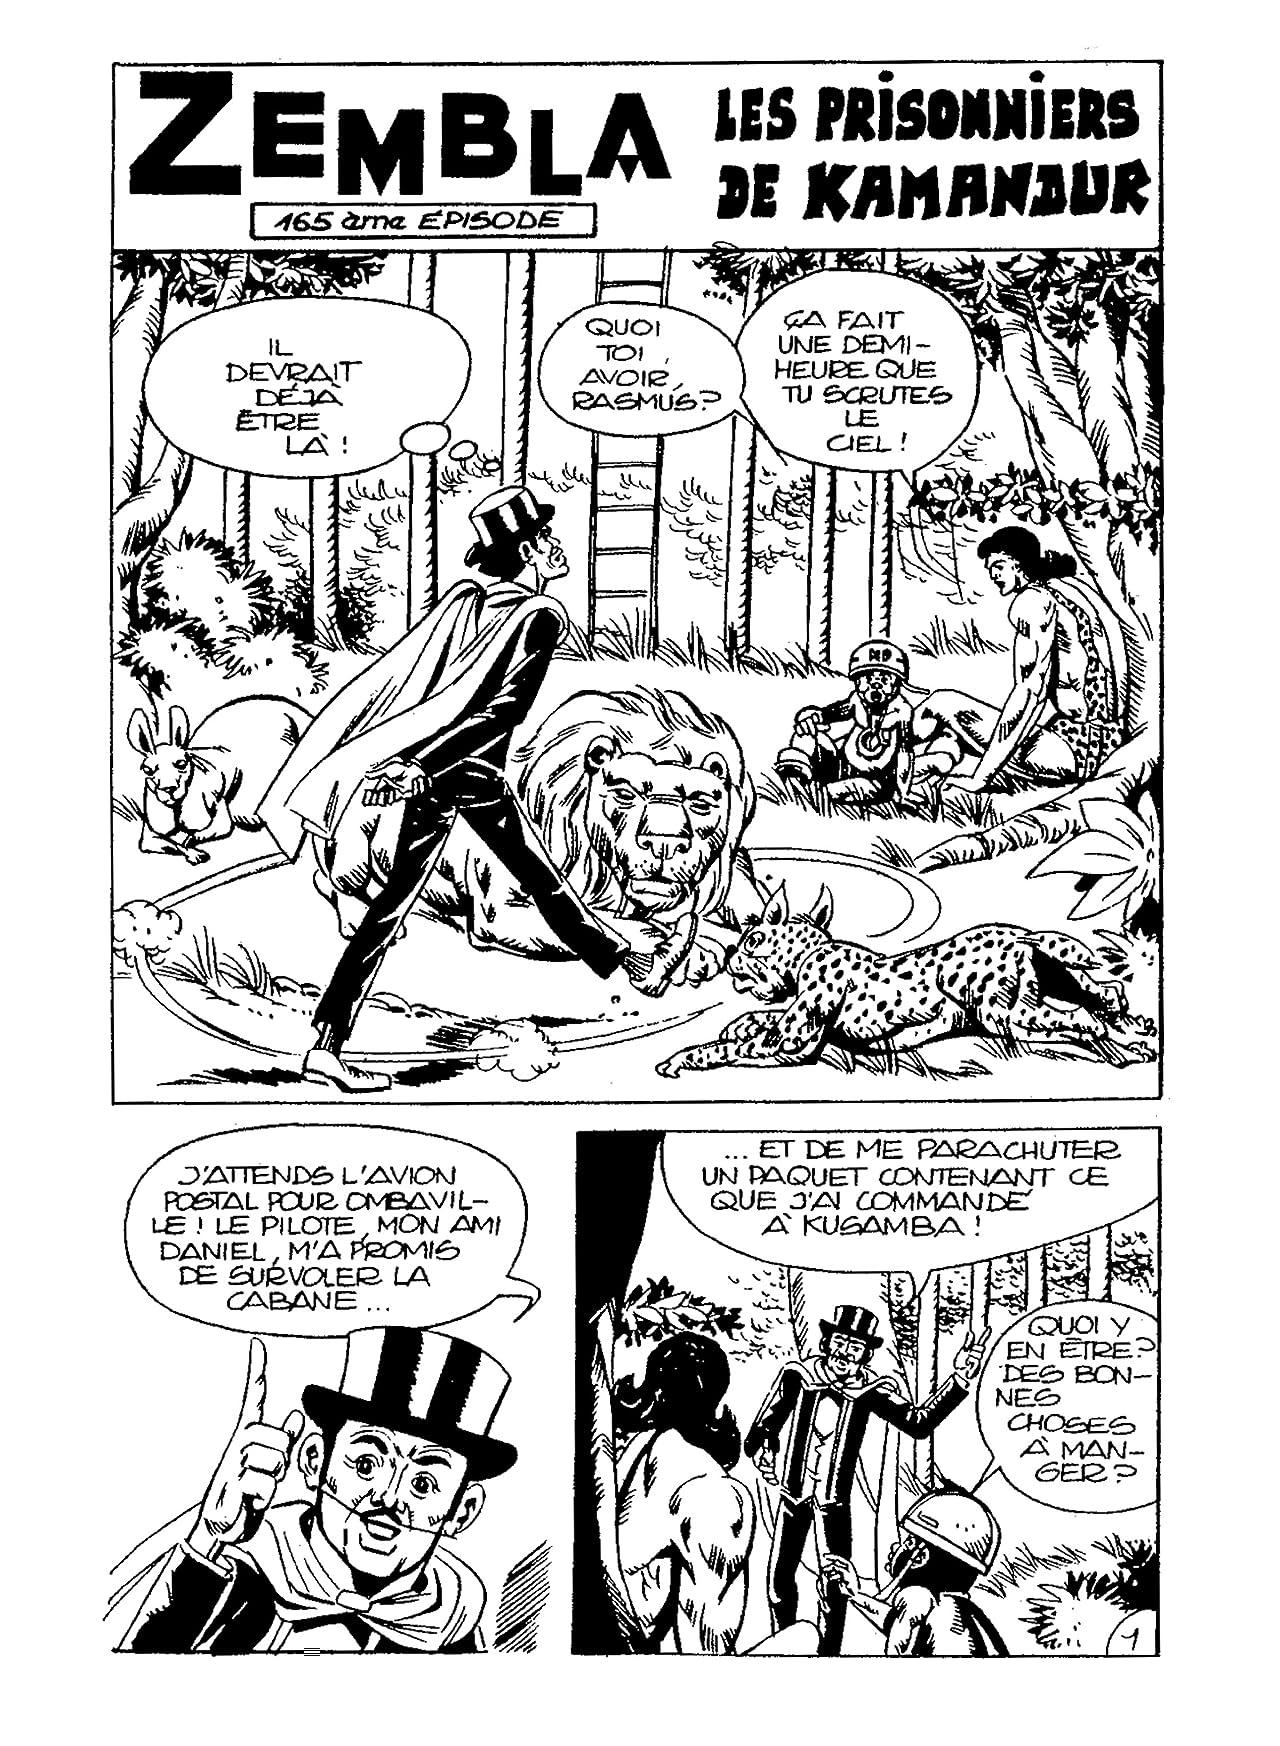 ZEMBLA Vol. 8: Les Prisonniers de Kamandur